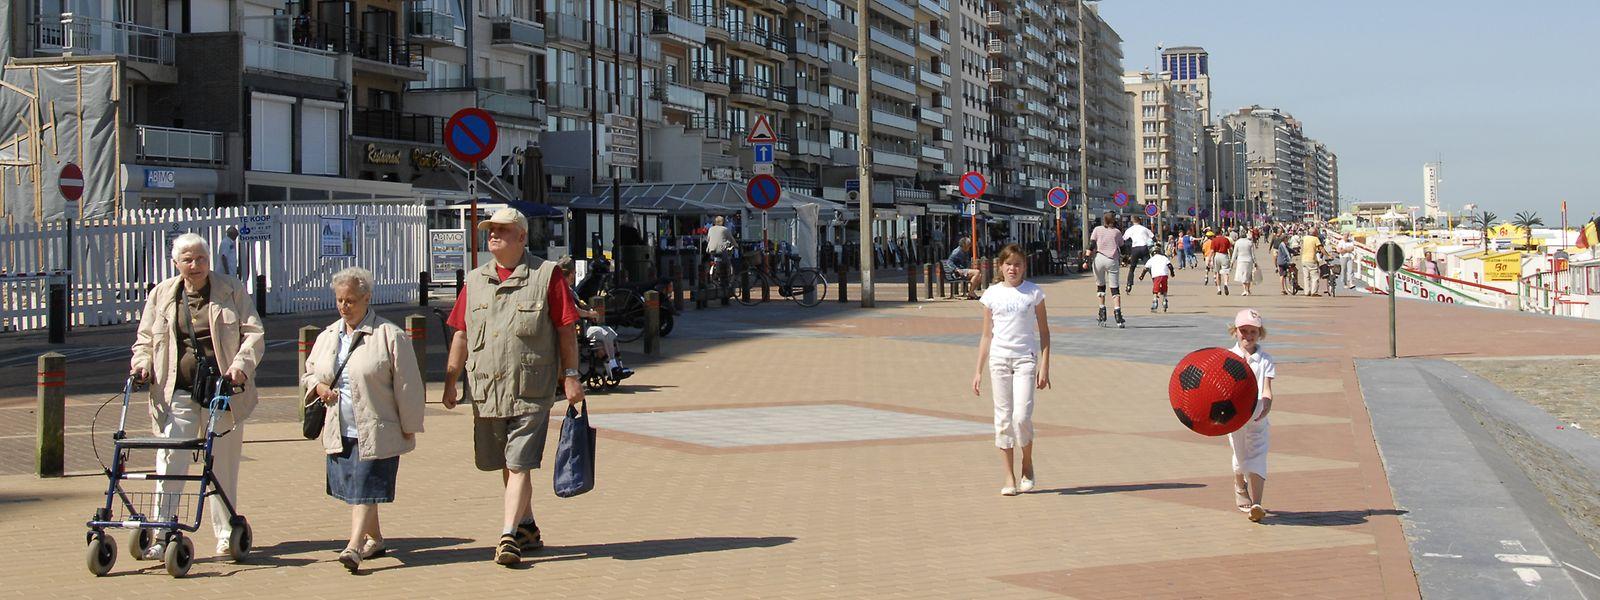 Blick auf die Strandpromenade von Blankenberge.